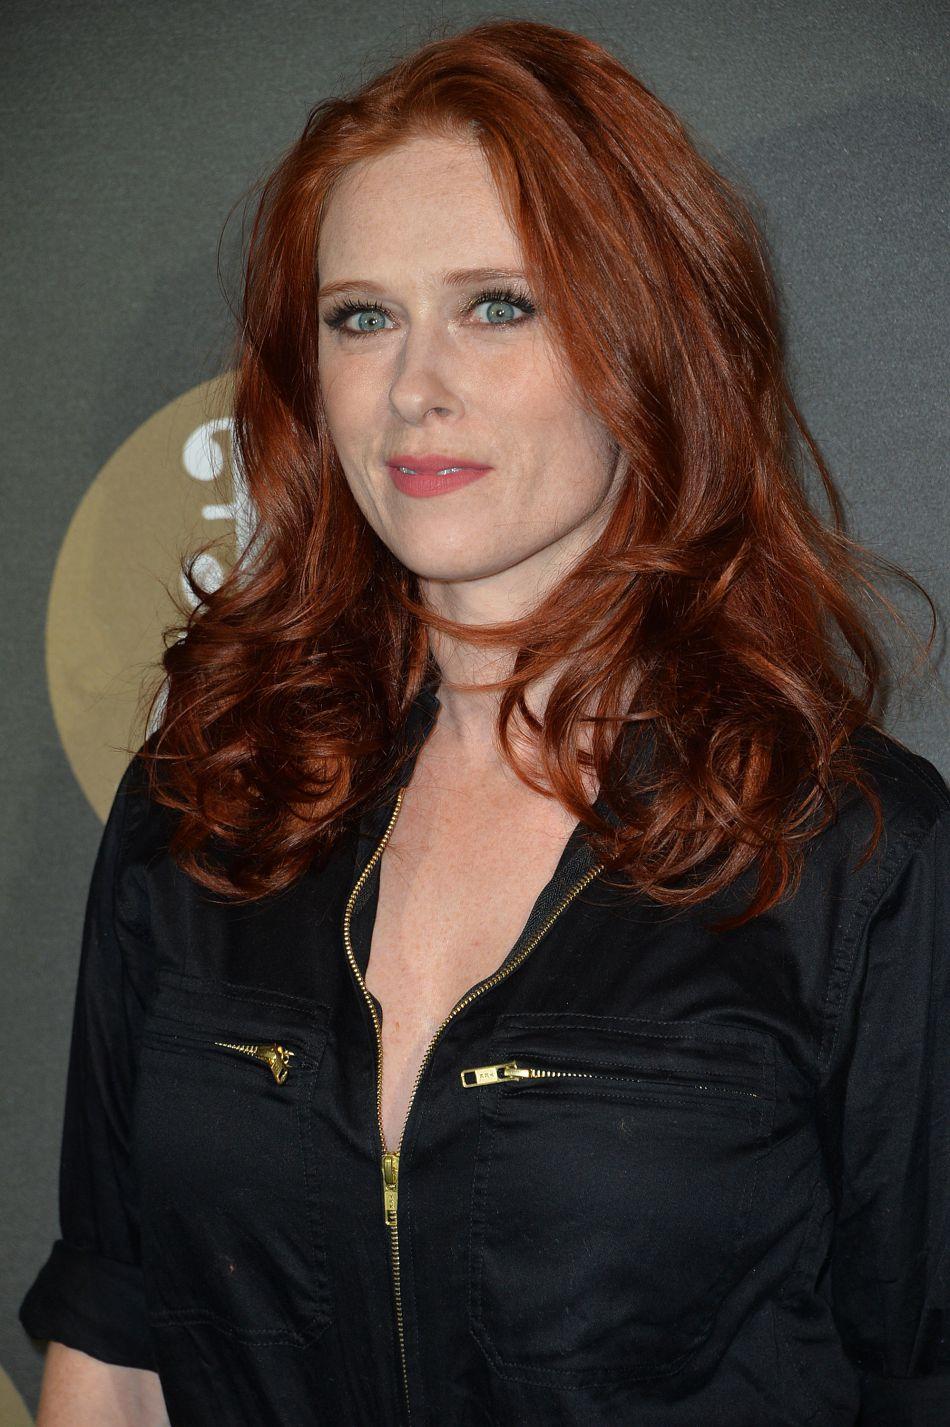 L'actrice était l'invité de la s oirée des 30 ans de  Canal+  au Palais de Tokyo à Paris le 4 novembre 2014.